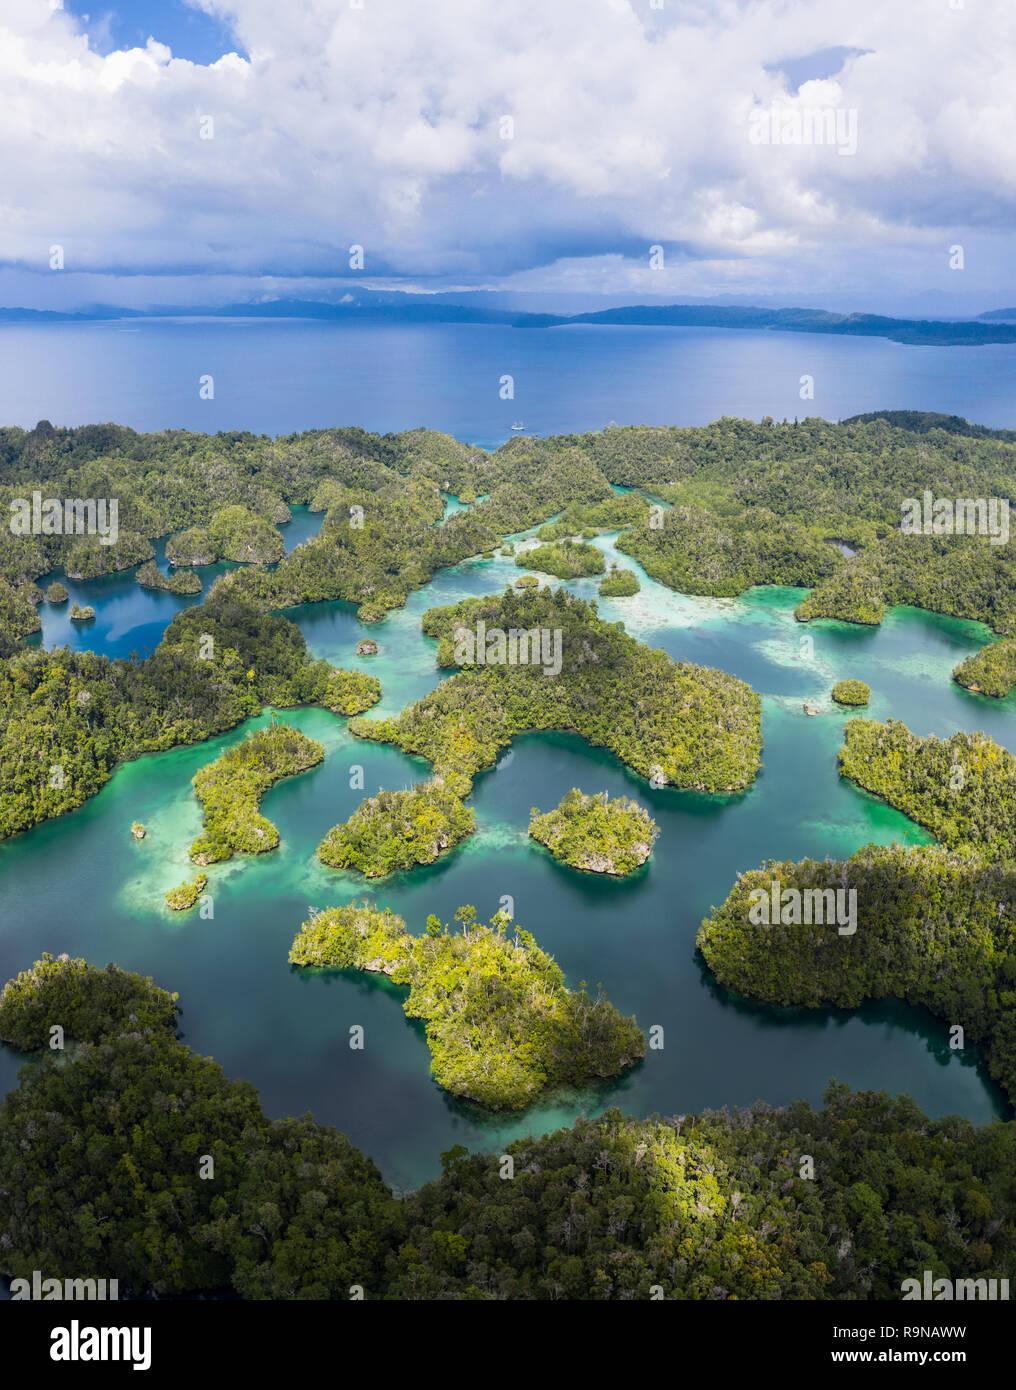 Remote Kalkstein Inseln in Raja Ampat, Indonesien, bilden ein Labyrinth in einer Lagune. Diese artenreichen Region ist als Herz der Korallen Dreieck bekannt. Stockfoto